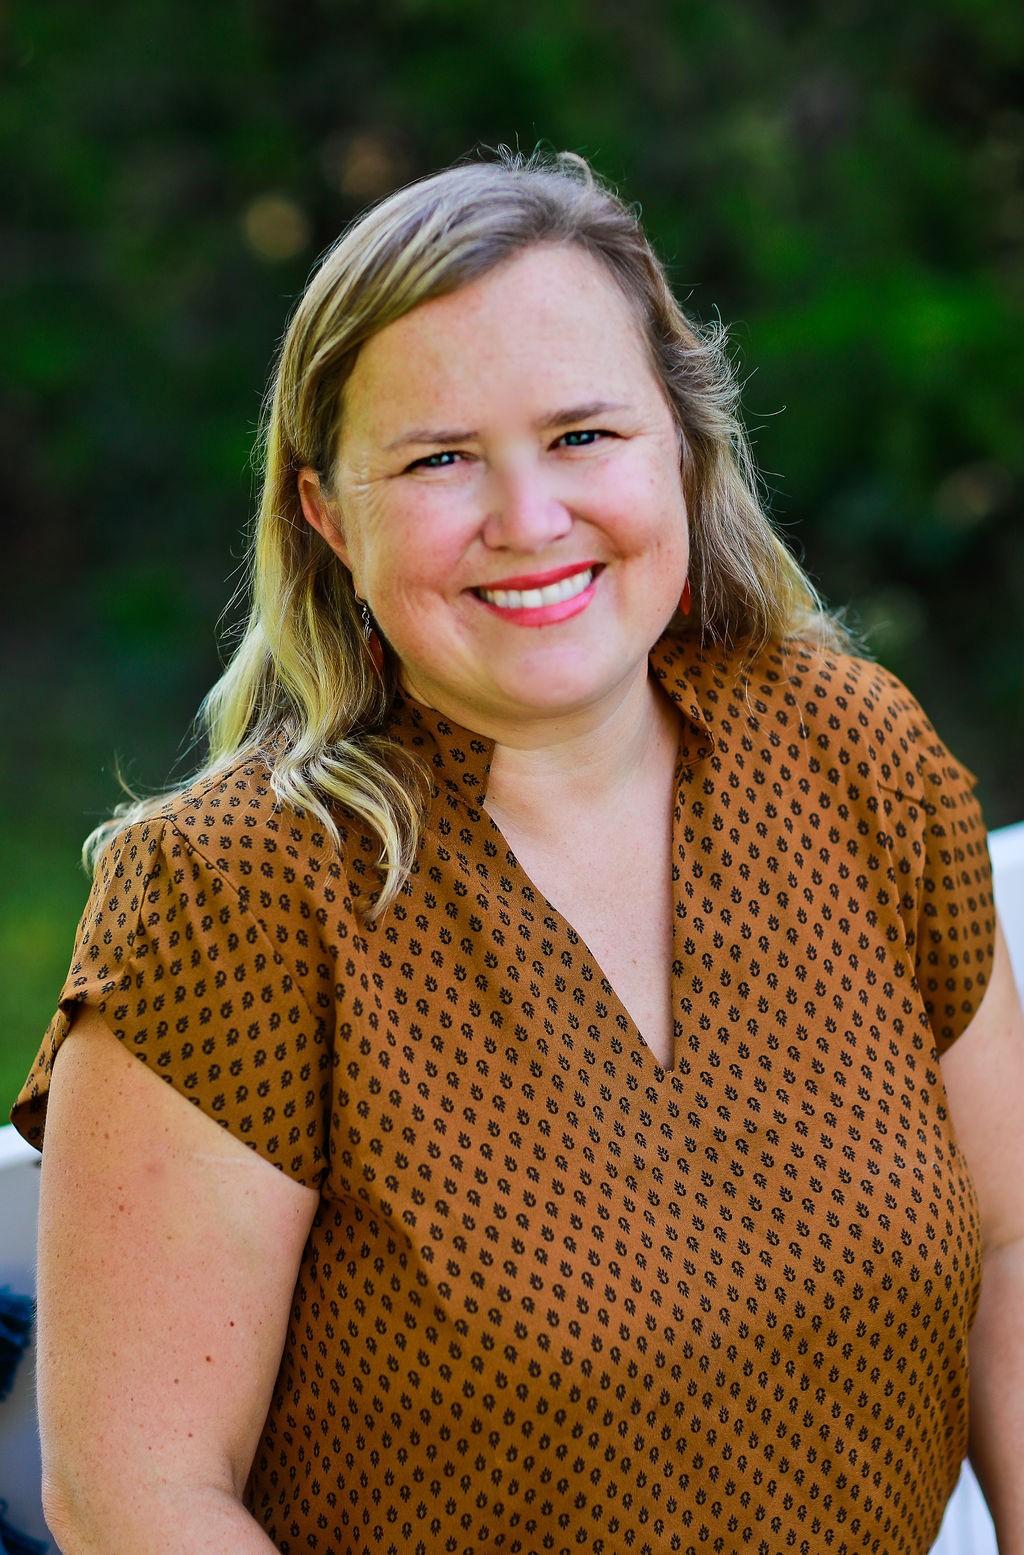 Julie Eberle